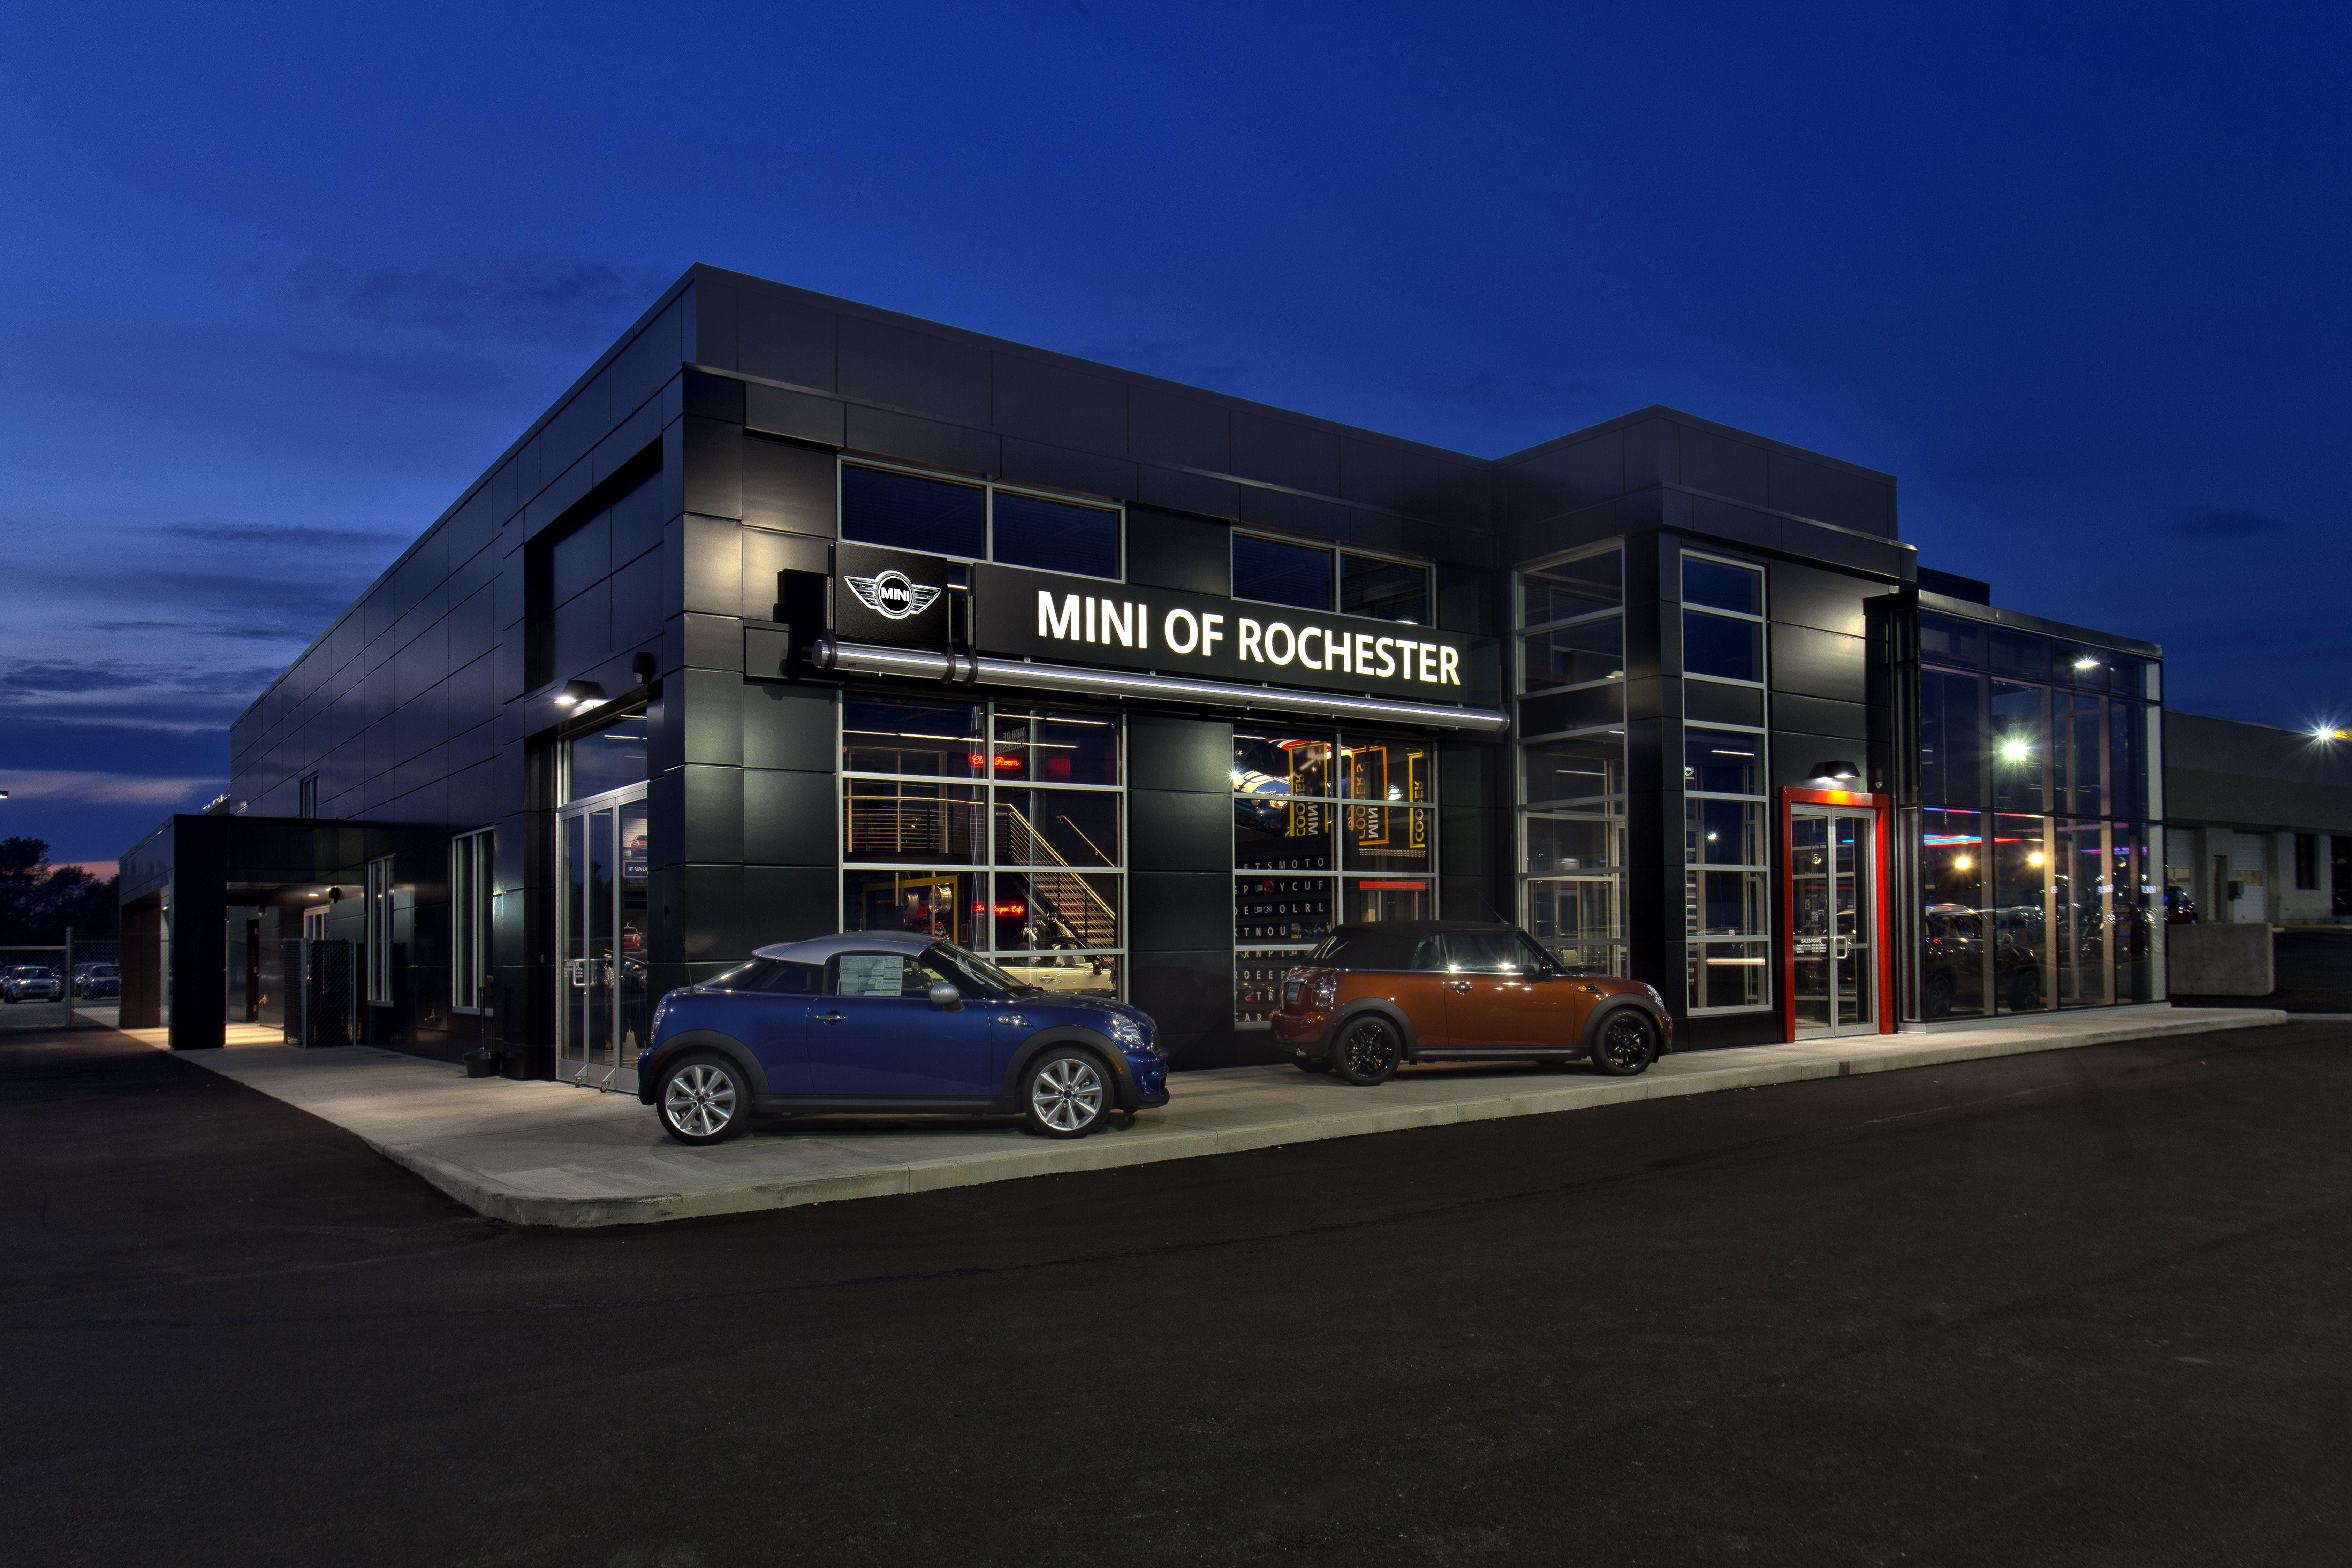 Dorschel mini of rochester mini coupe mini convertible